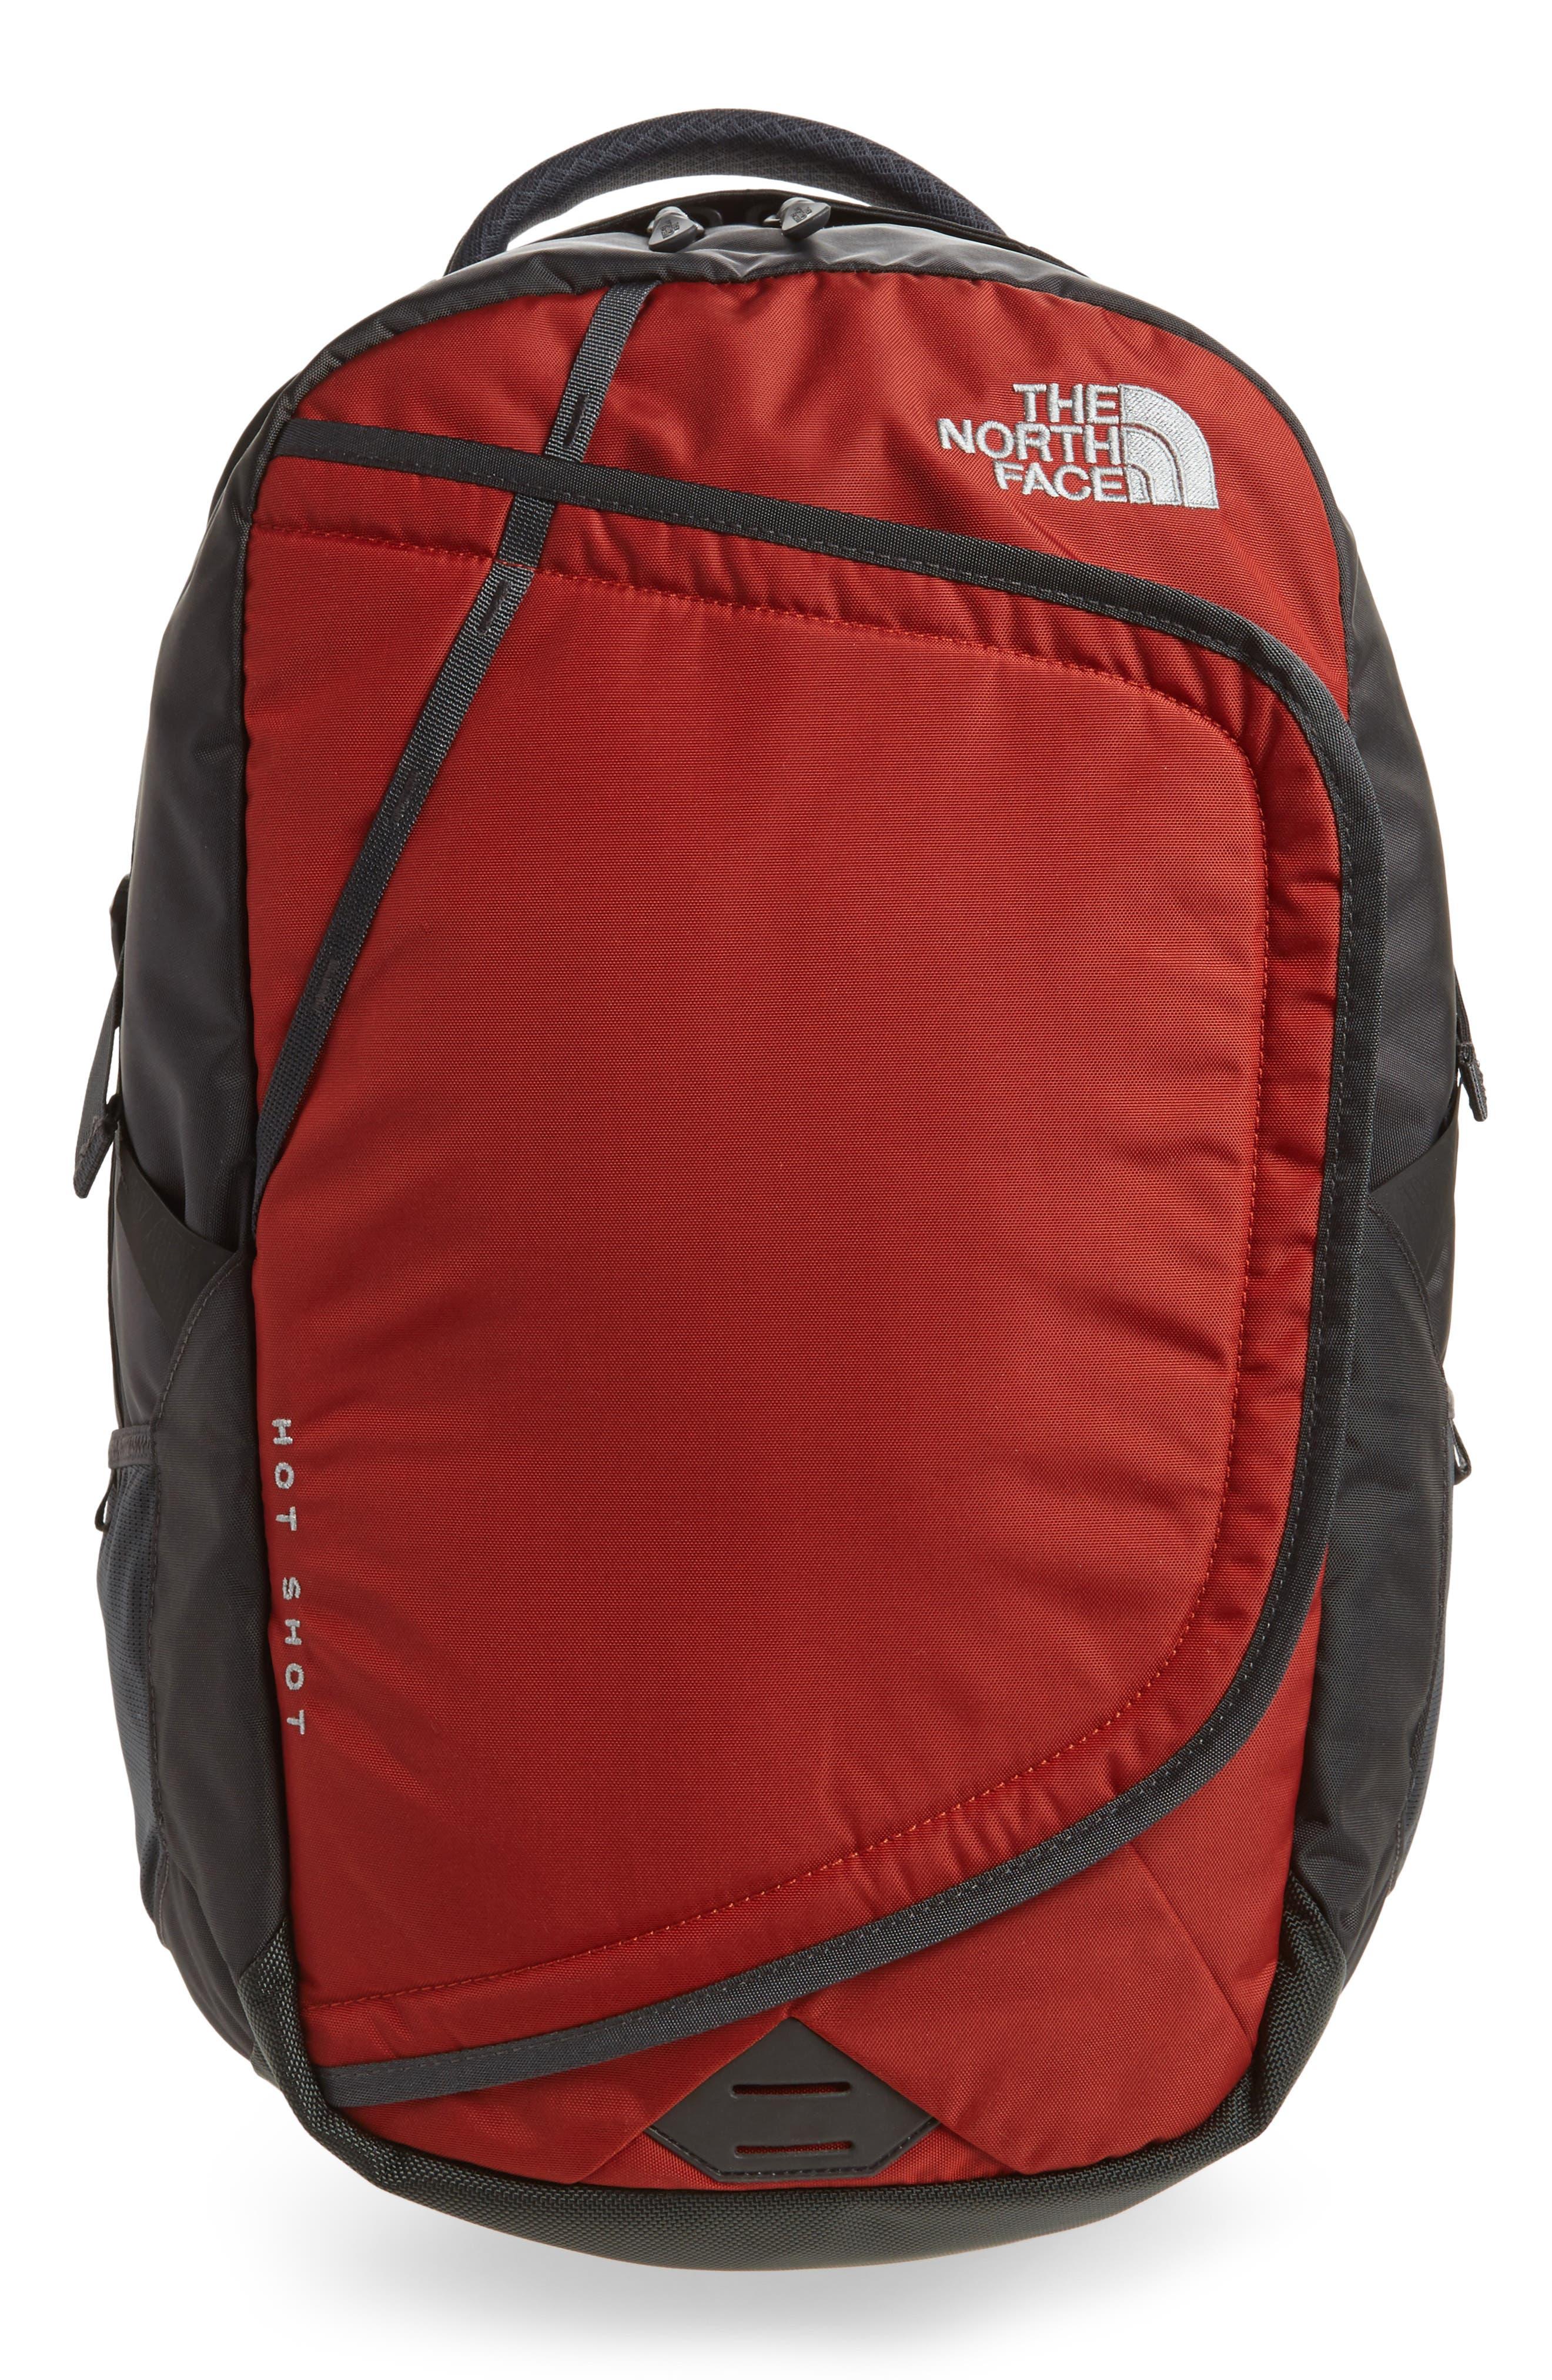 Hot Shot Backpack,                         Main,                         color, Ketchup Red/ Asphalt Grey